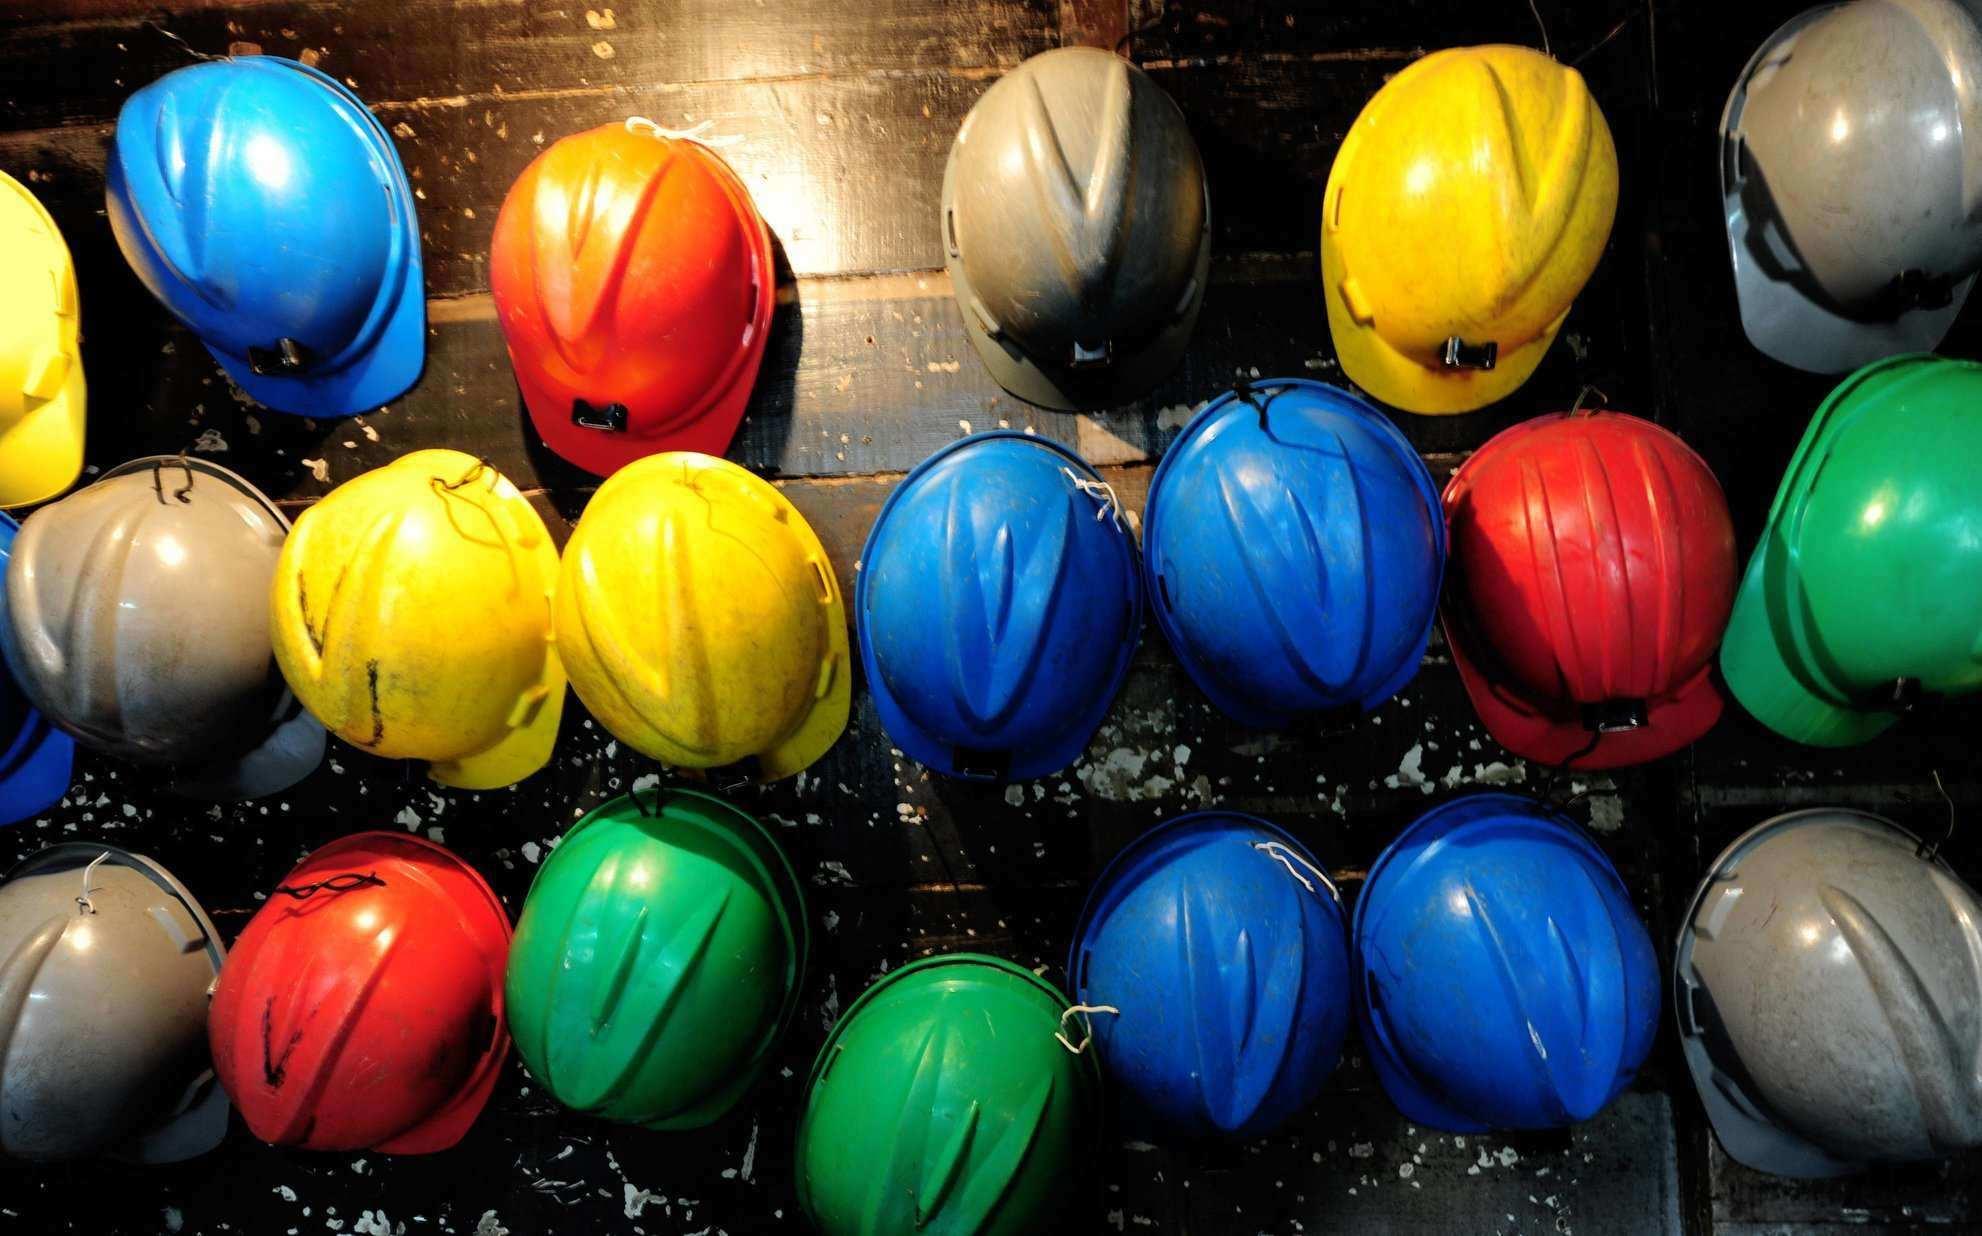 聚焦:拉美的采矿仲裁案件